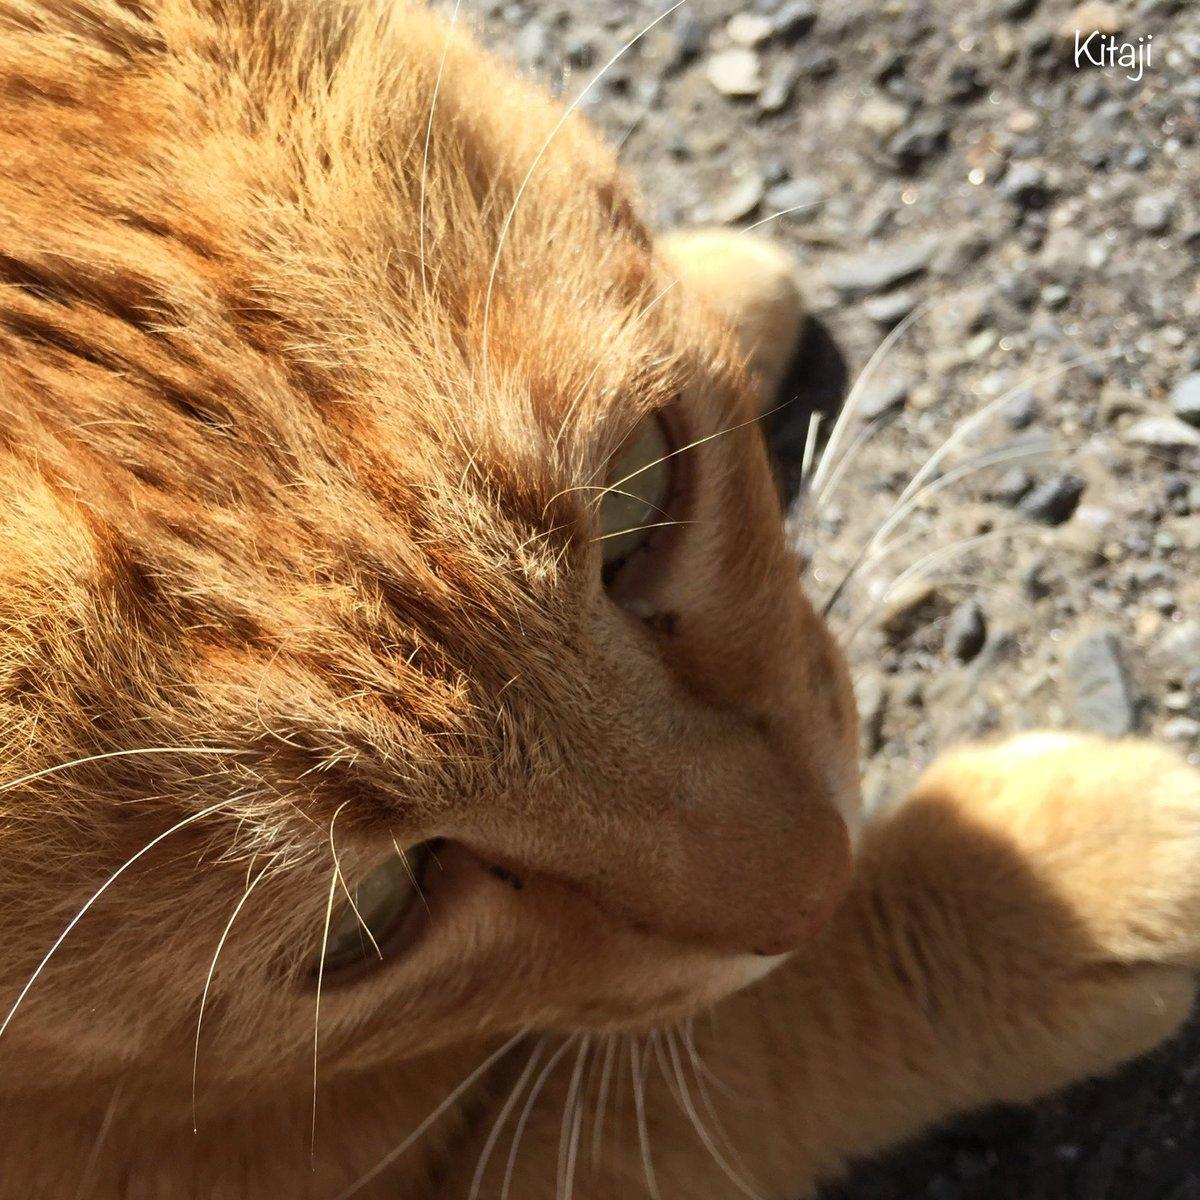 撮りためた猫写真をたれ流し#猫写真 #猫画像 #猫 #ねこ #ネコ #猫好きさんと繋がりたい #Cat #Cats #CatPhoto pic.twitter.com/uSgu0qt61h